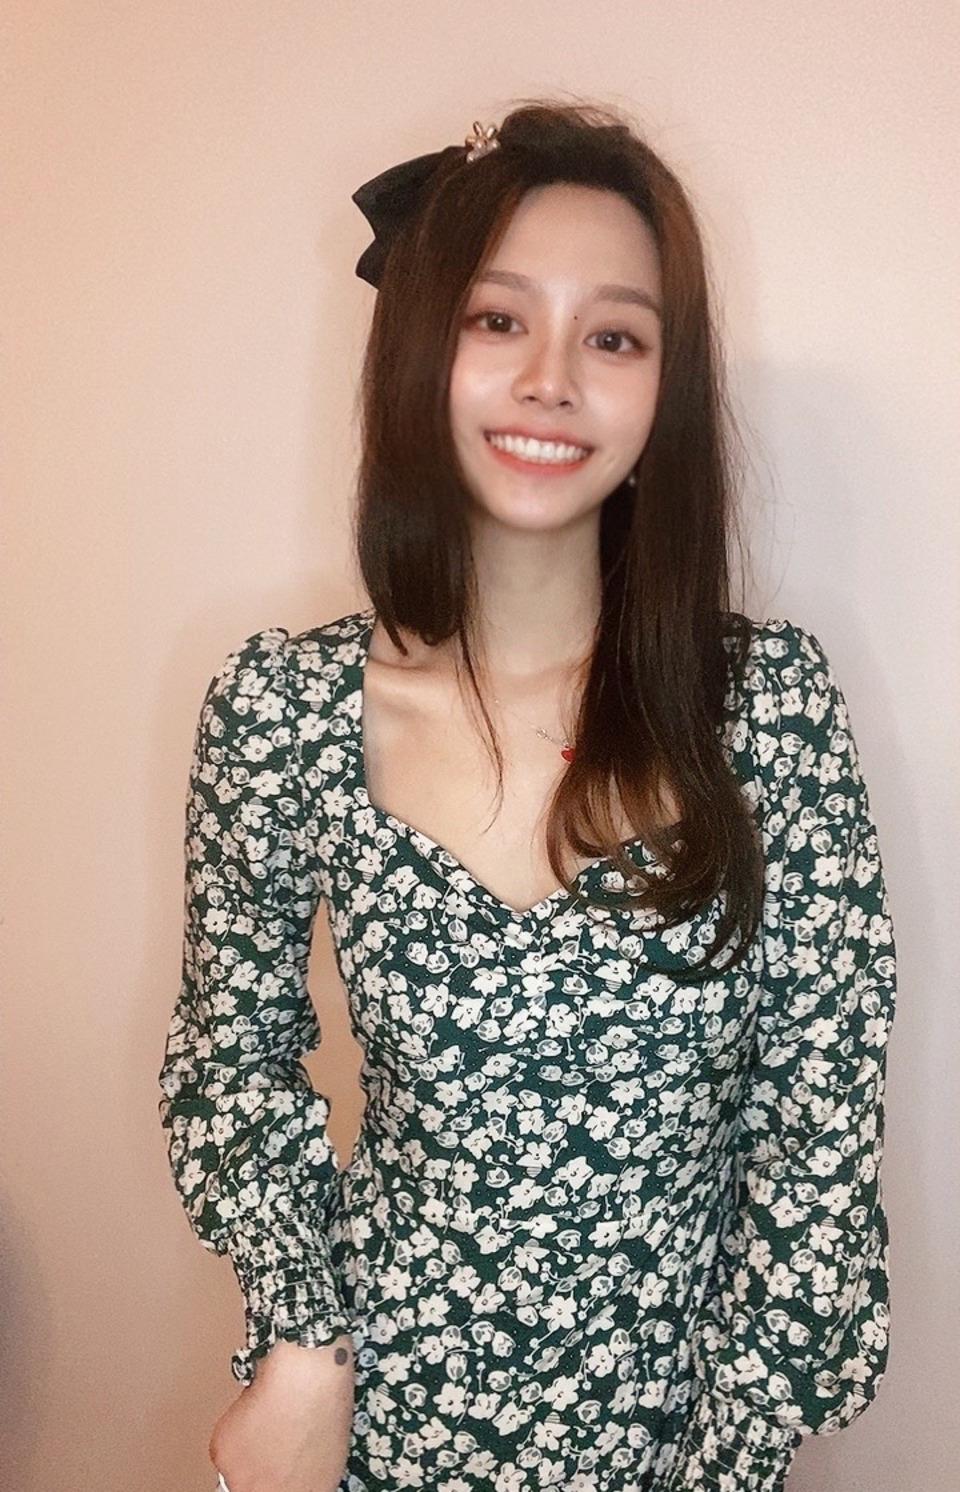 Xinyu Liao